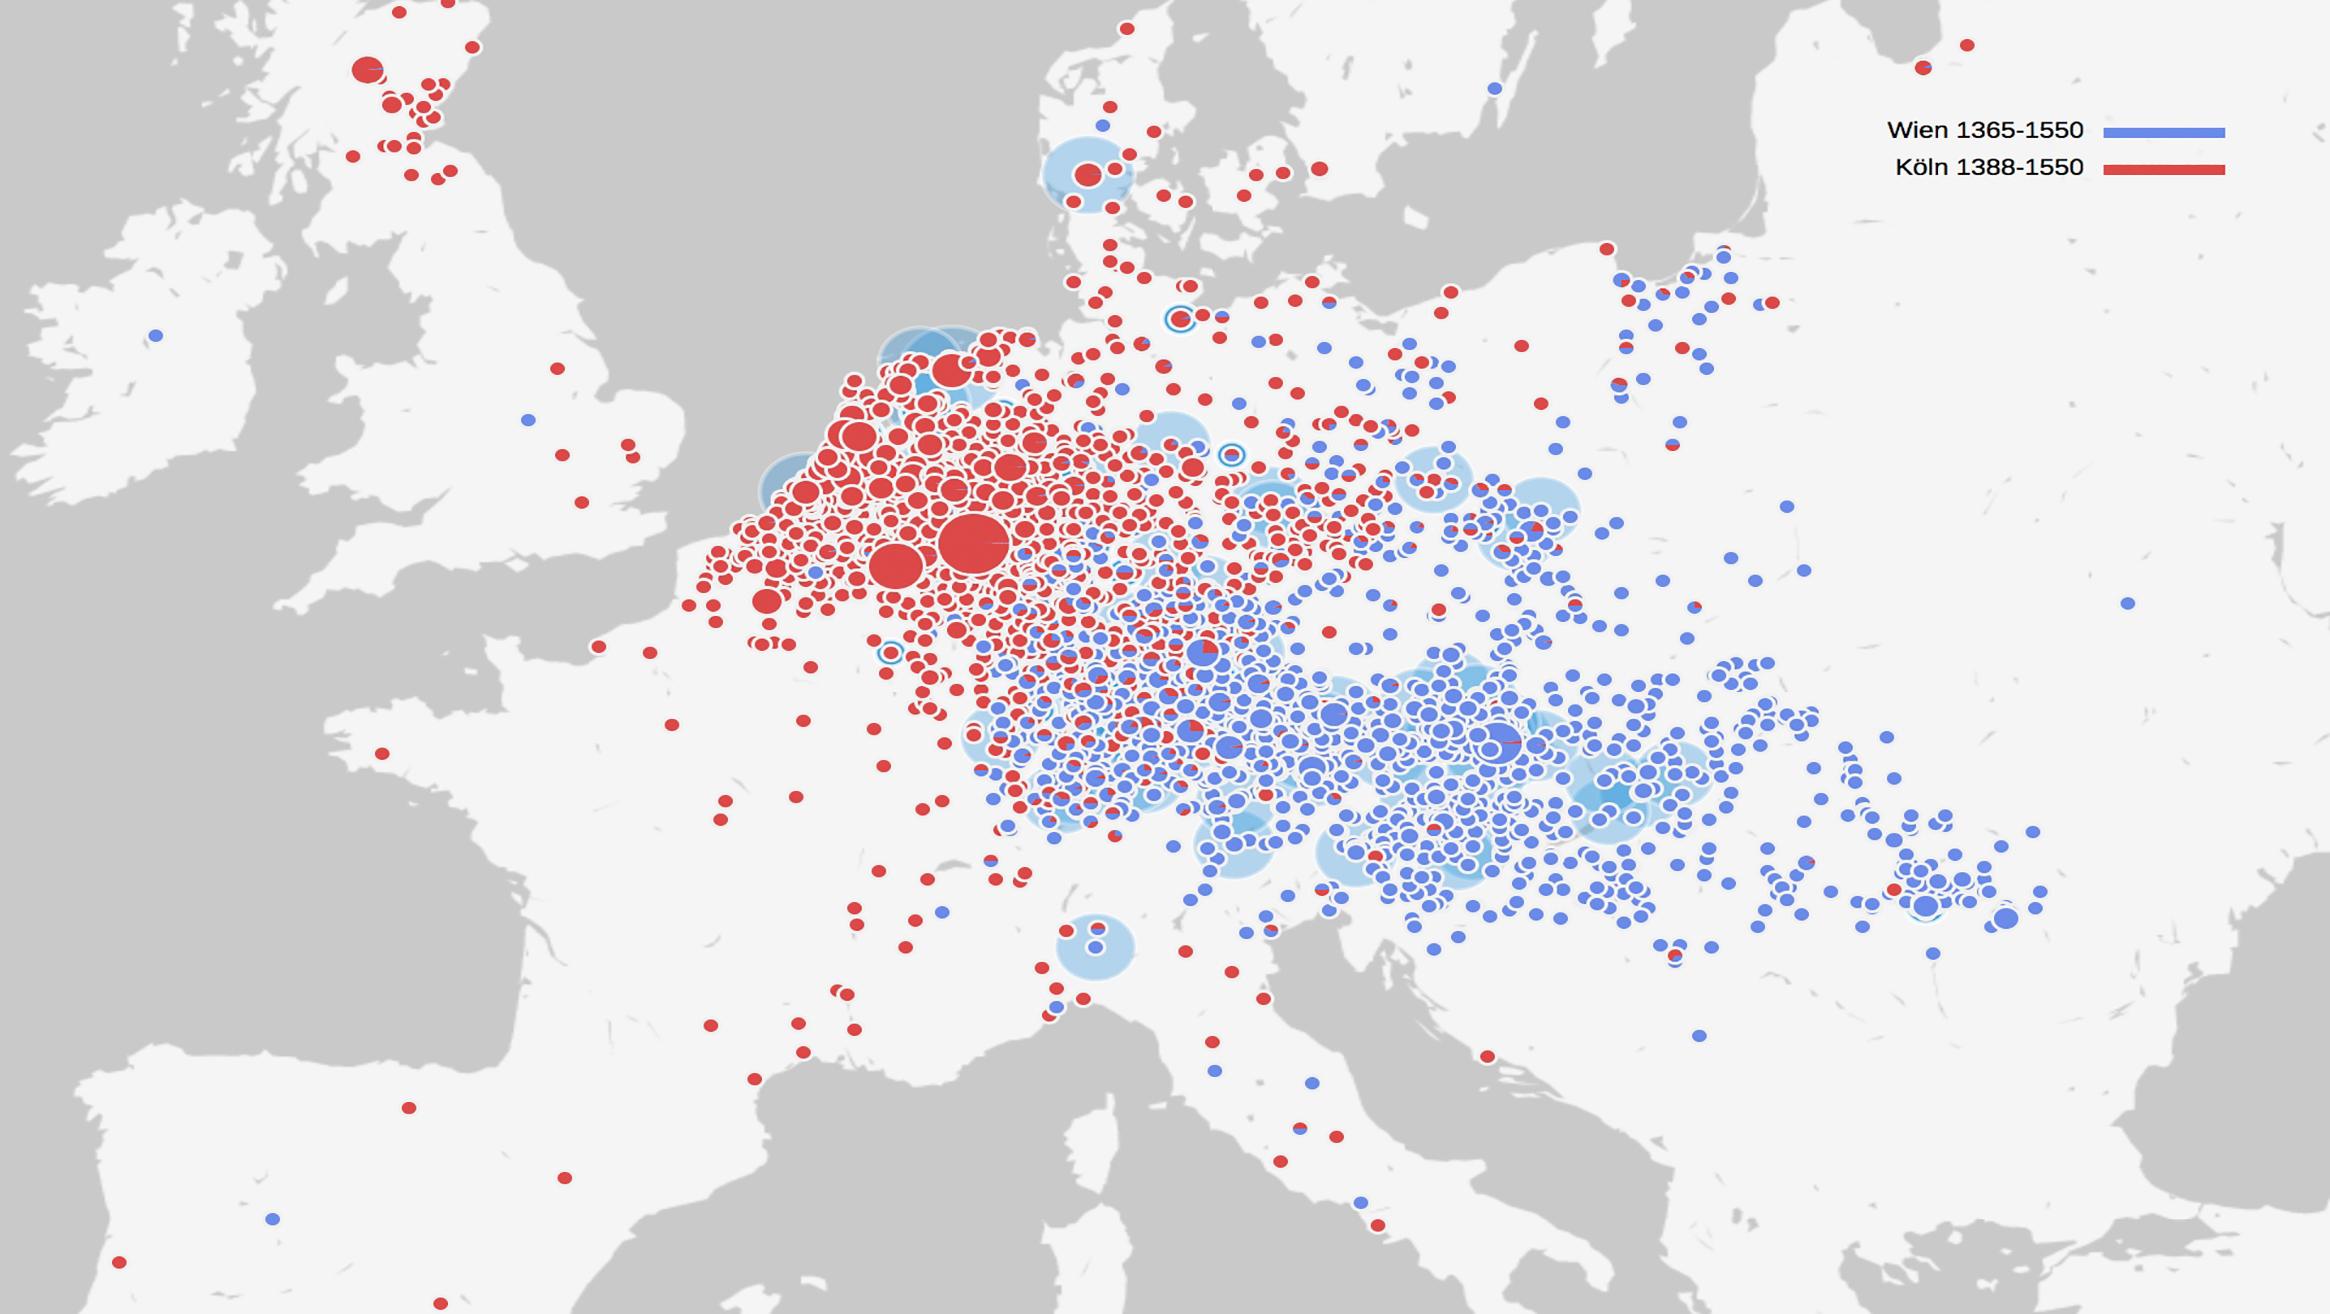 Herkunfts- und Kommunikationsräume von Gelehrten der Universitäten Köln (rot) und Wien (blau) um ca. 1550 im Vergleich.